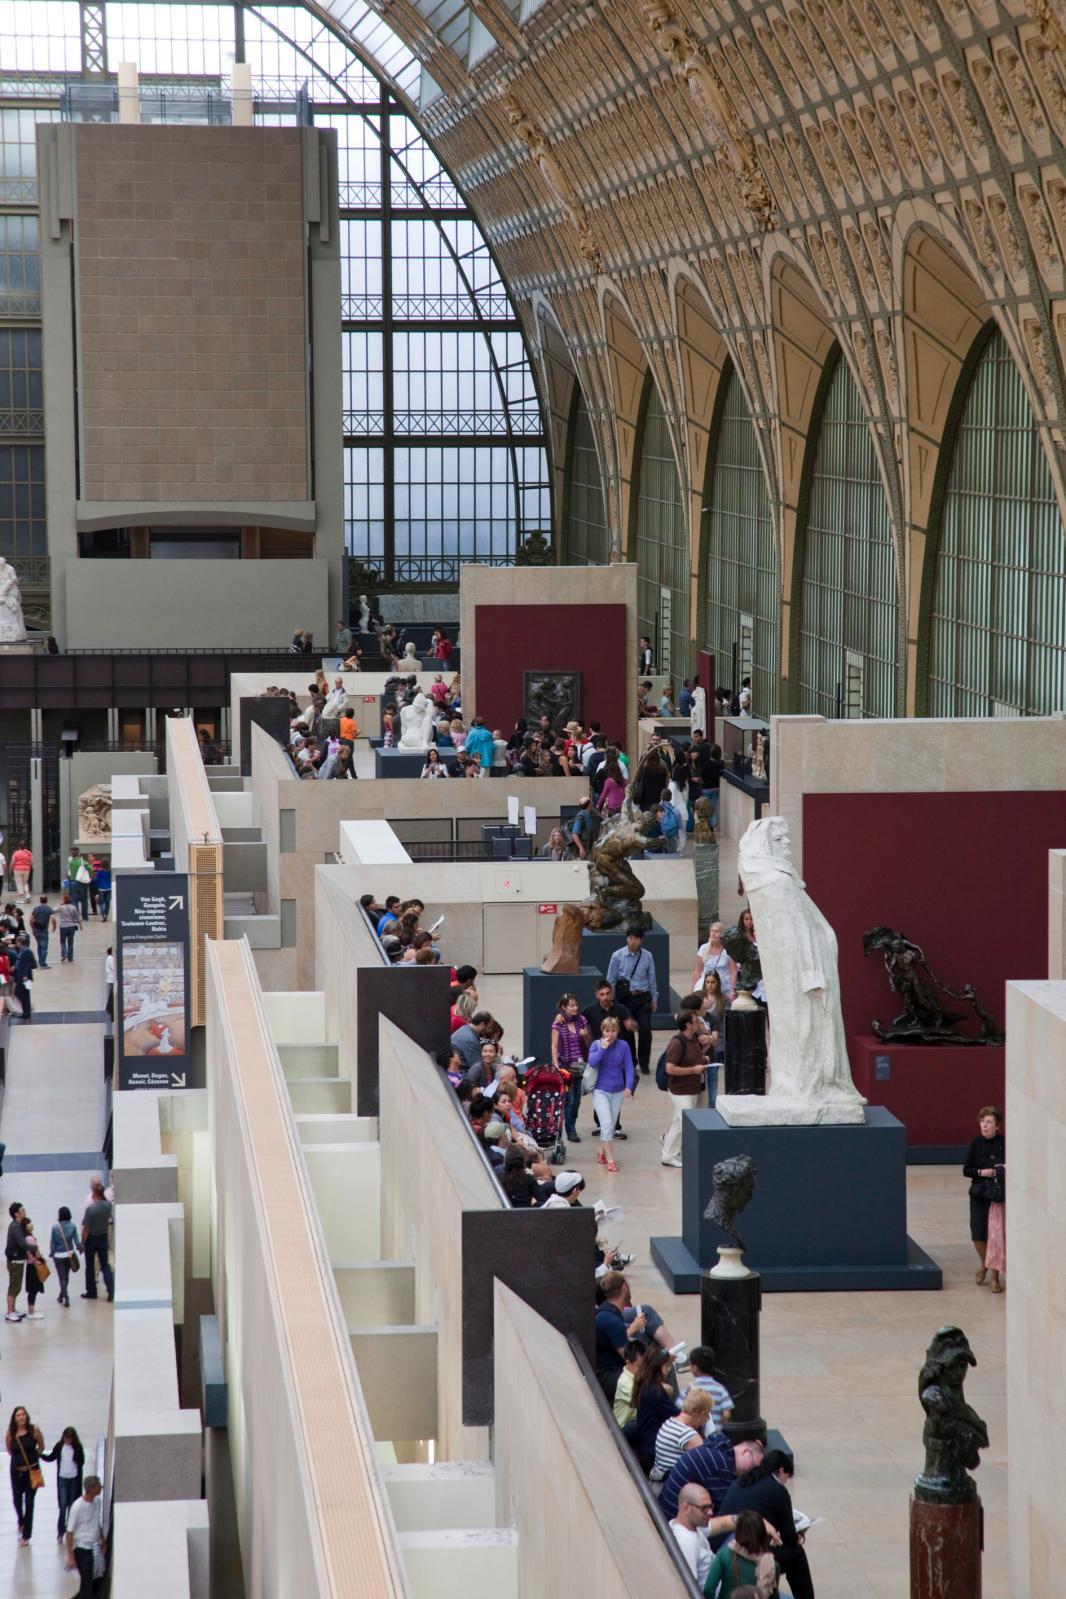 La galerie Françoise Cachin et la terrasse Rodin au musée d'Orsay.